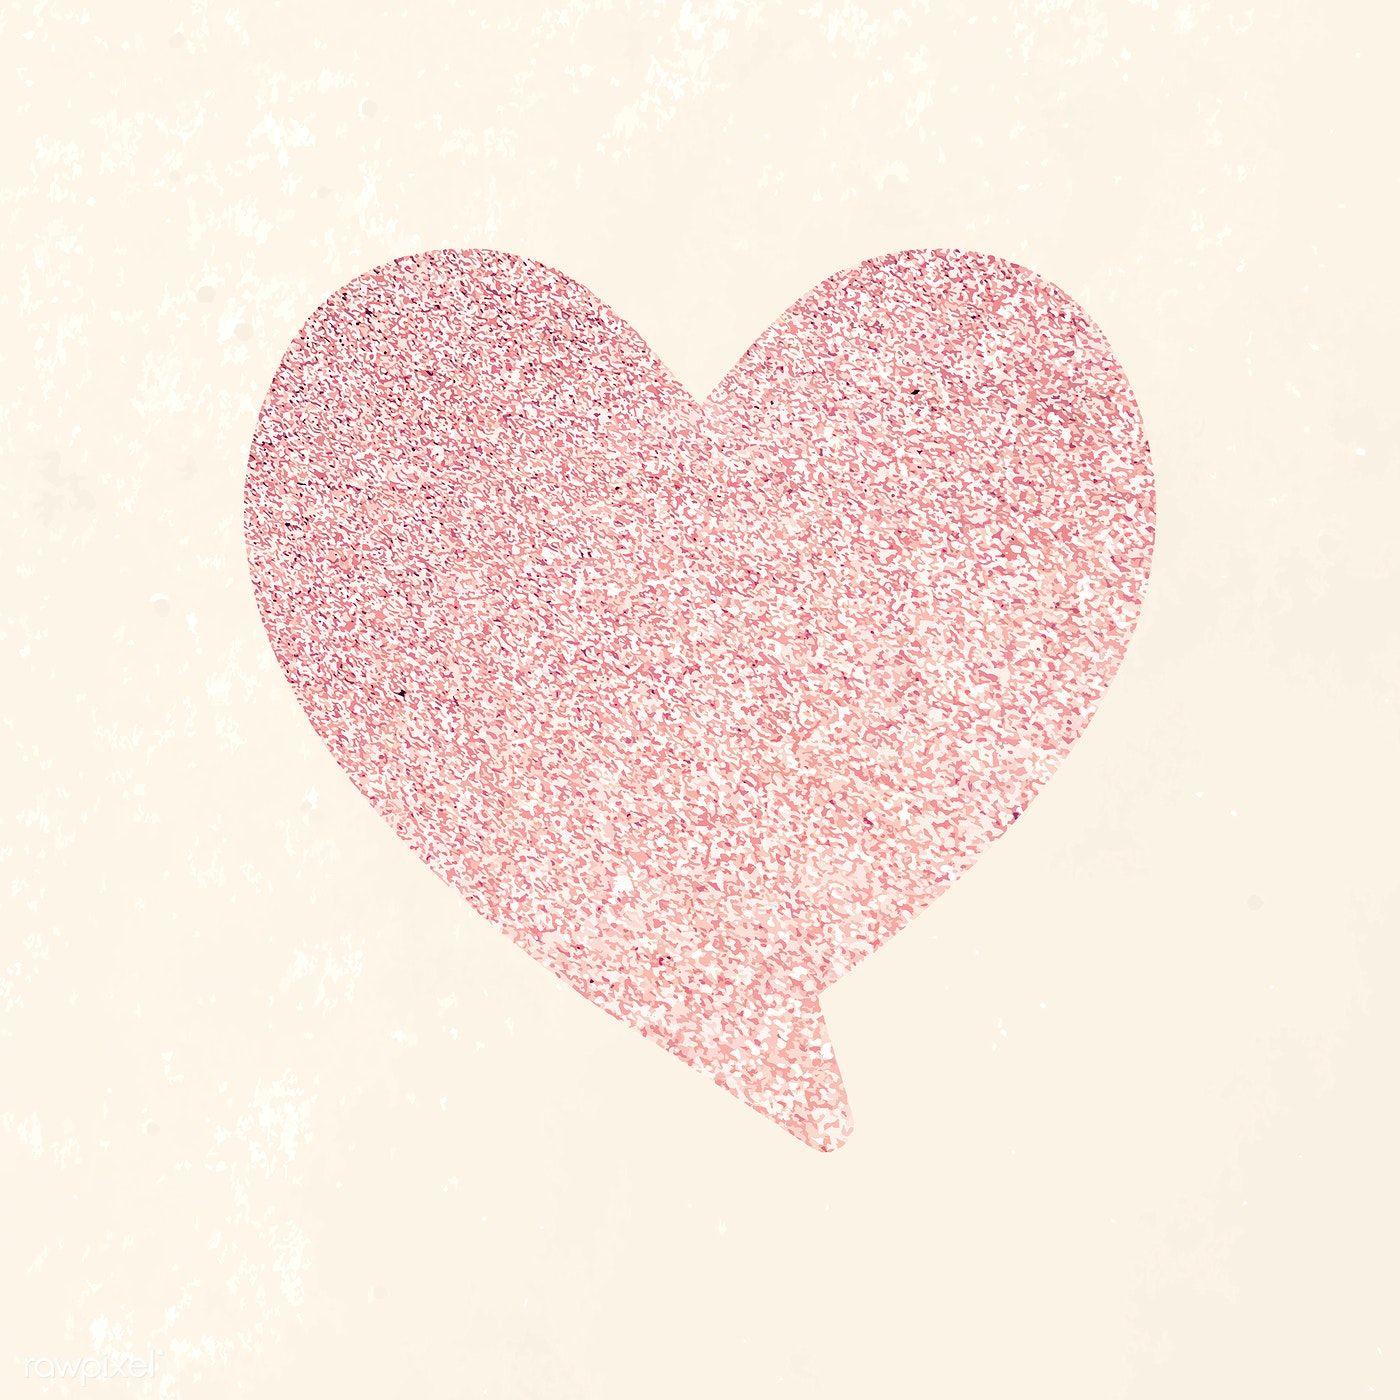 Glitter heart shape speech bubble illustration free